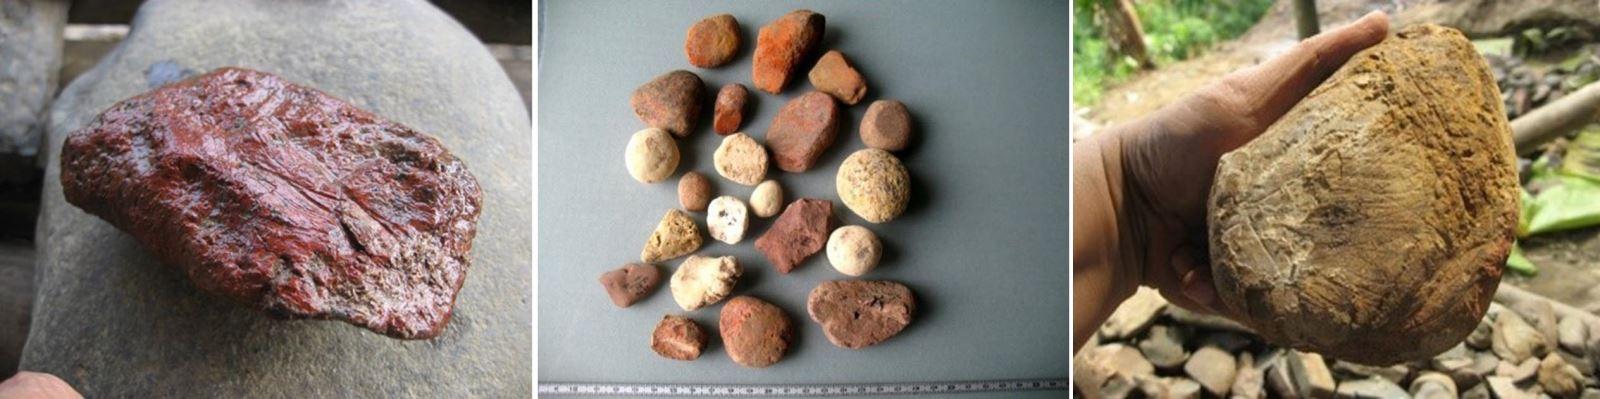 Hàng ngàn viên đá dạng cuội lăn tại mái đá Đú Sáng và hang Xóm Trại